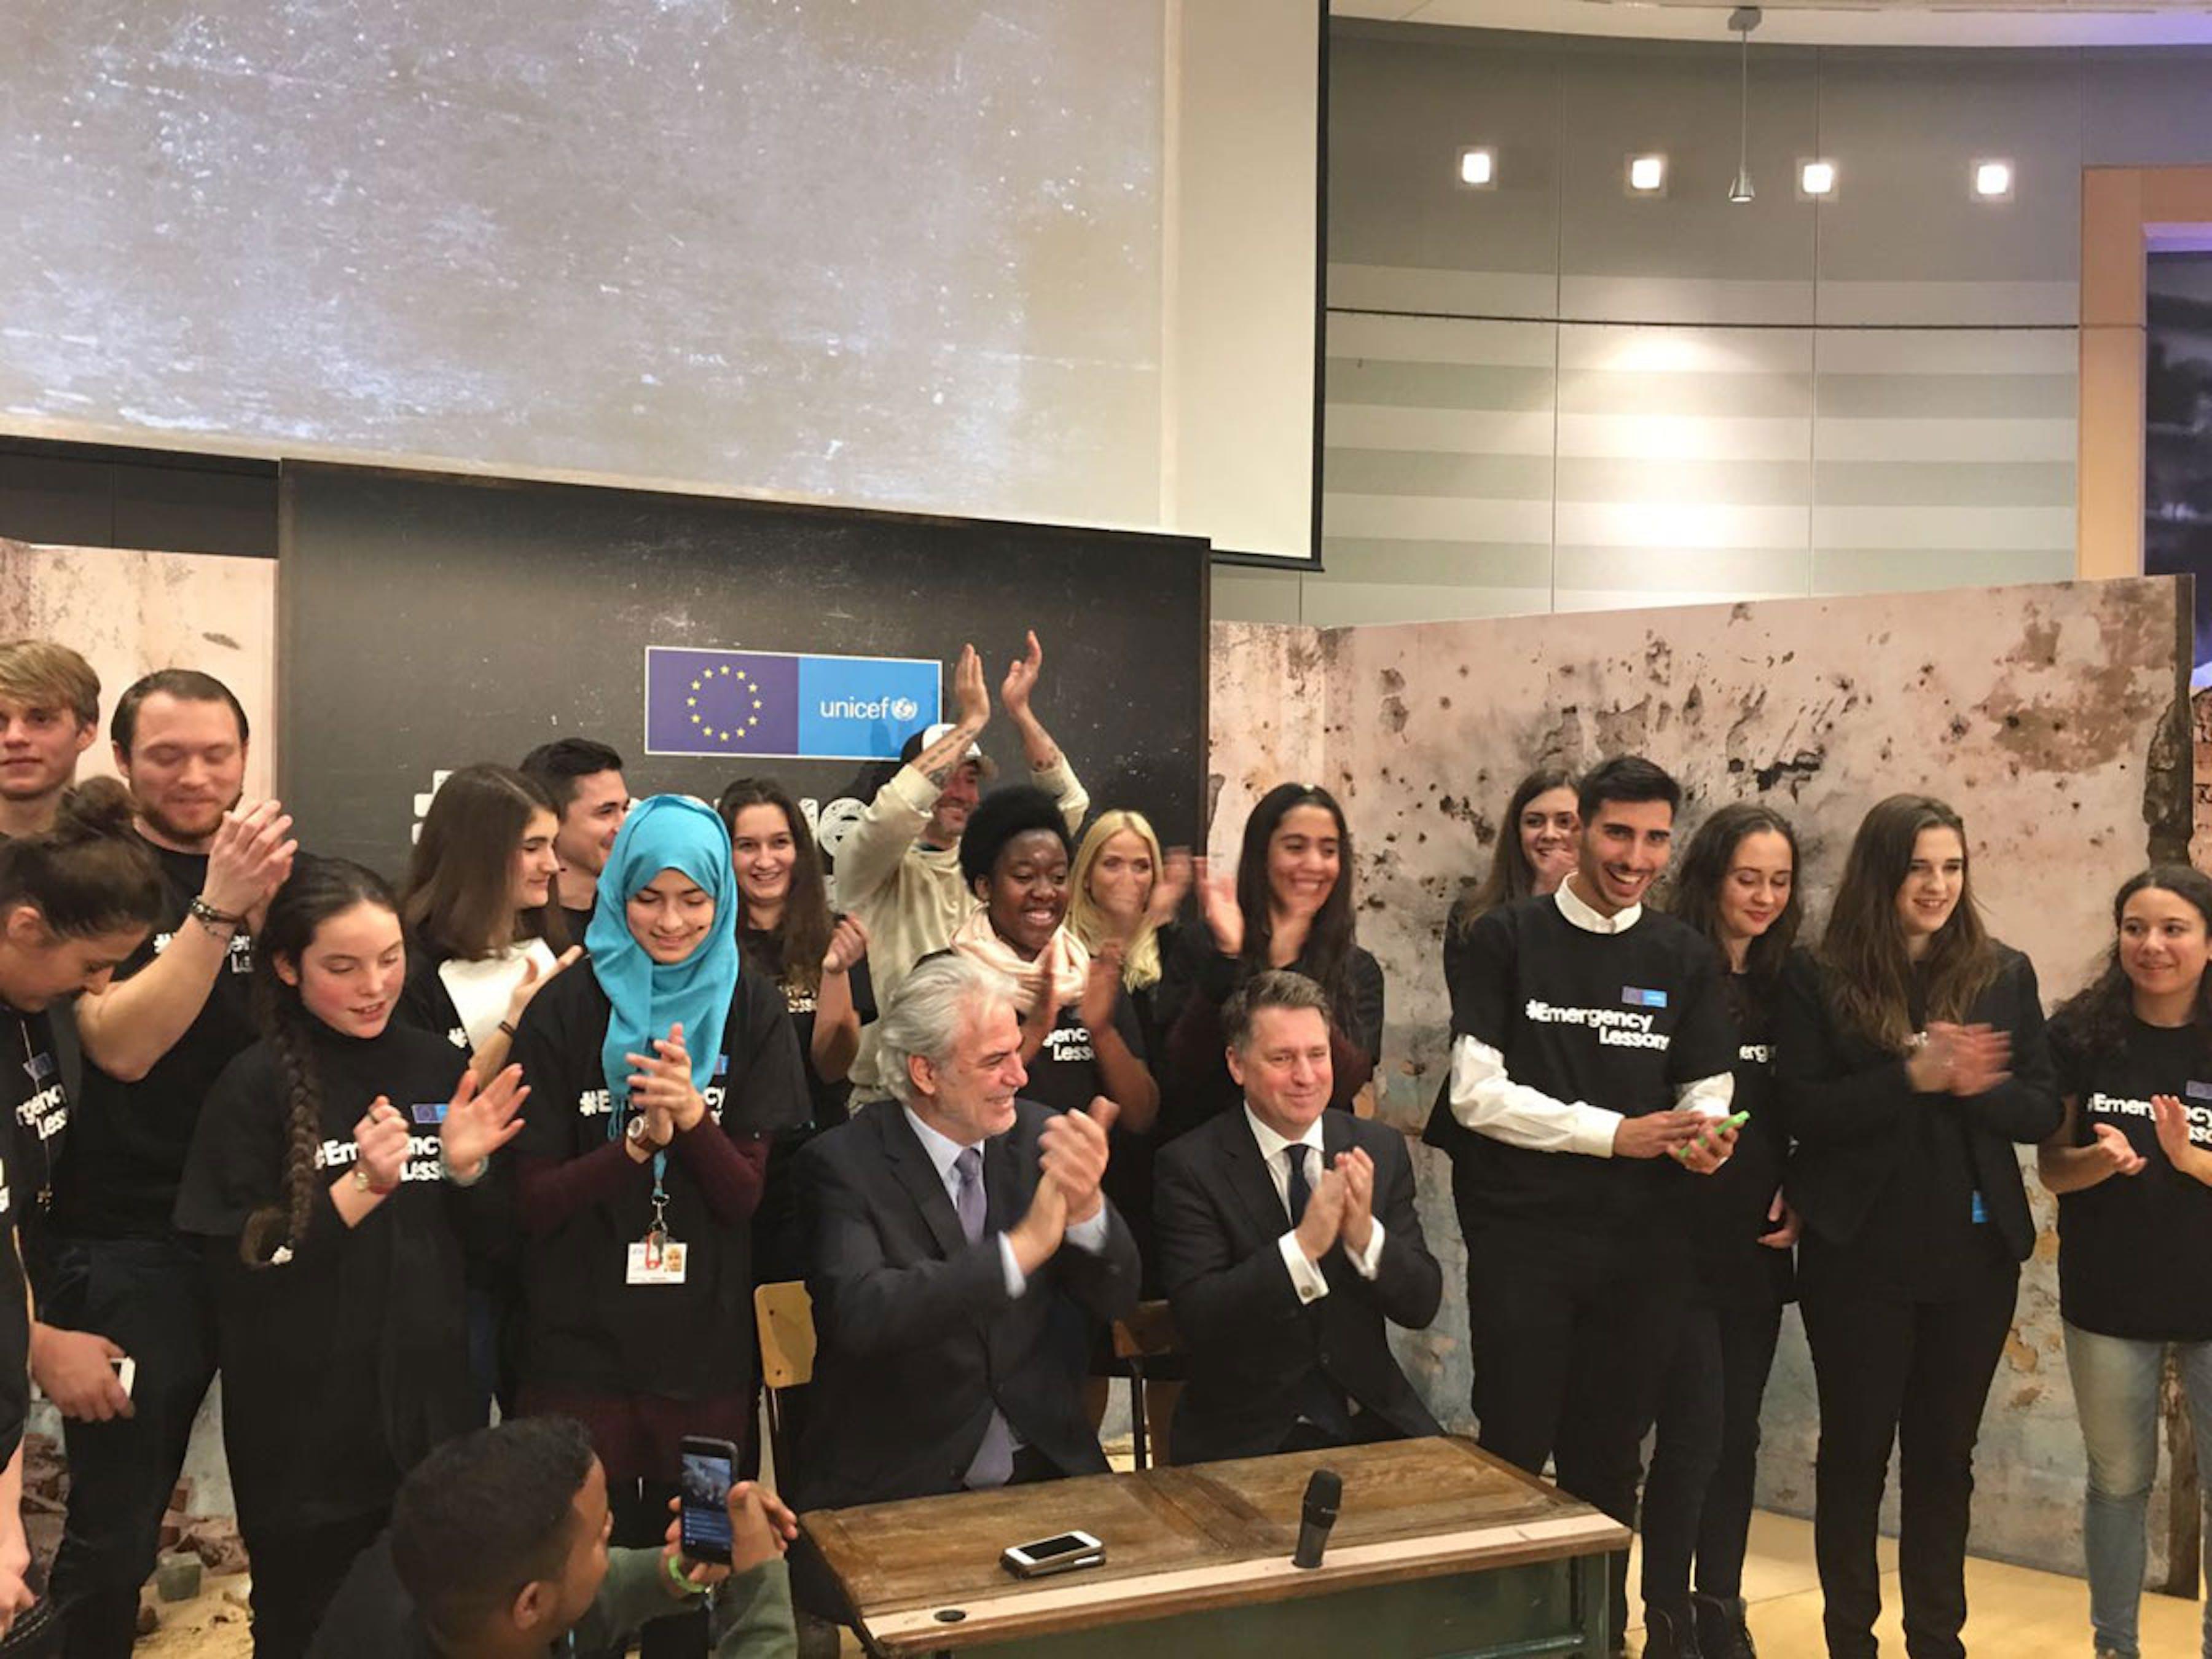 I giovani delegati (fra cui 4 ragazzi italiani) all'evento conclusivo della campagna UNICEF-UE #EmergencyLessons presso la sede del Parlamento Europeo a Bruxelles - ©UNICEF Italia/2016/A.Polidori